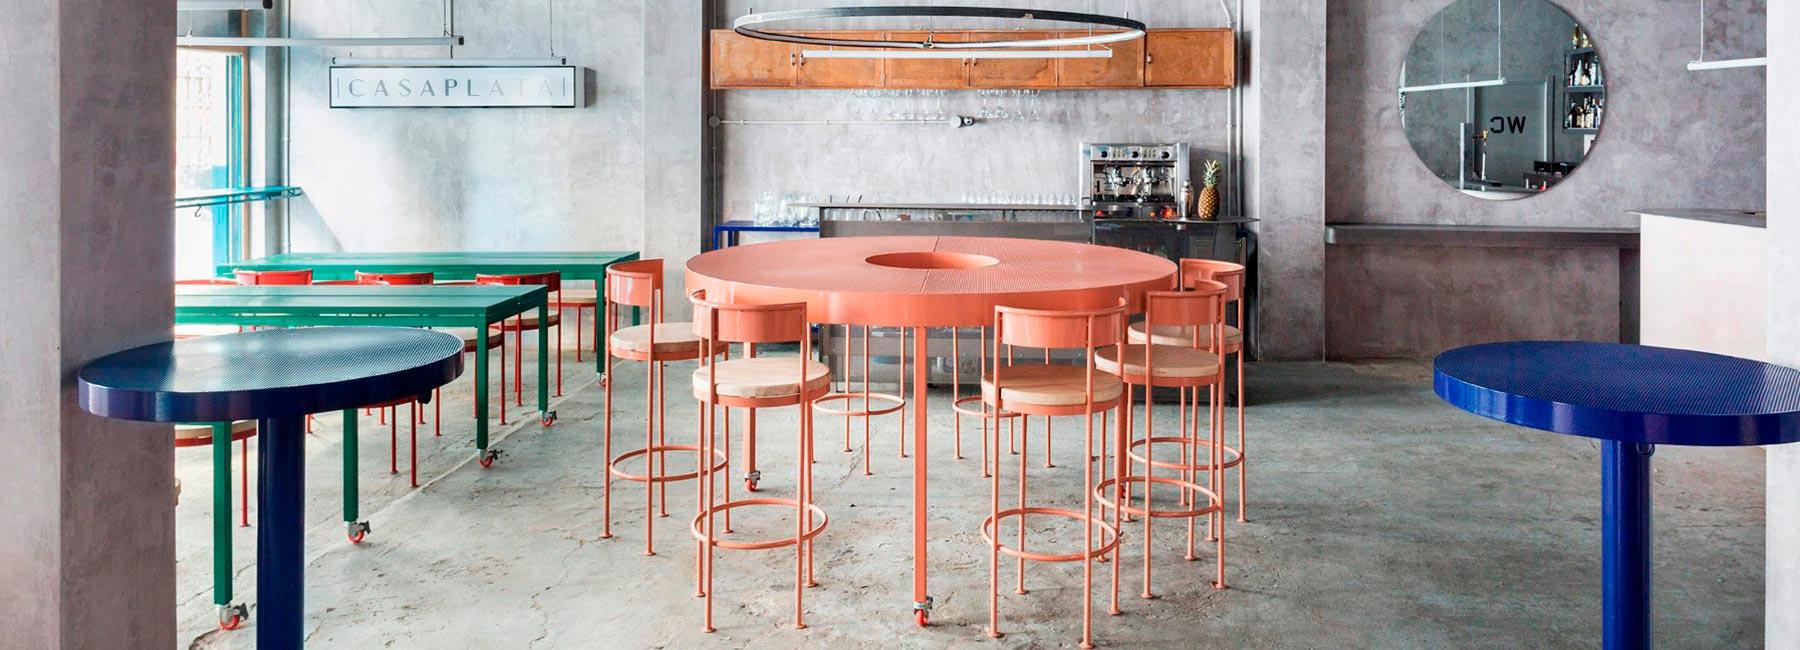 Бетон, пастельные цвета и круги – ресторан Casaplata в центре Севильи